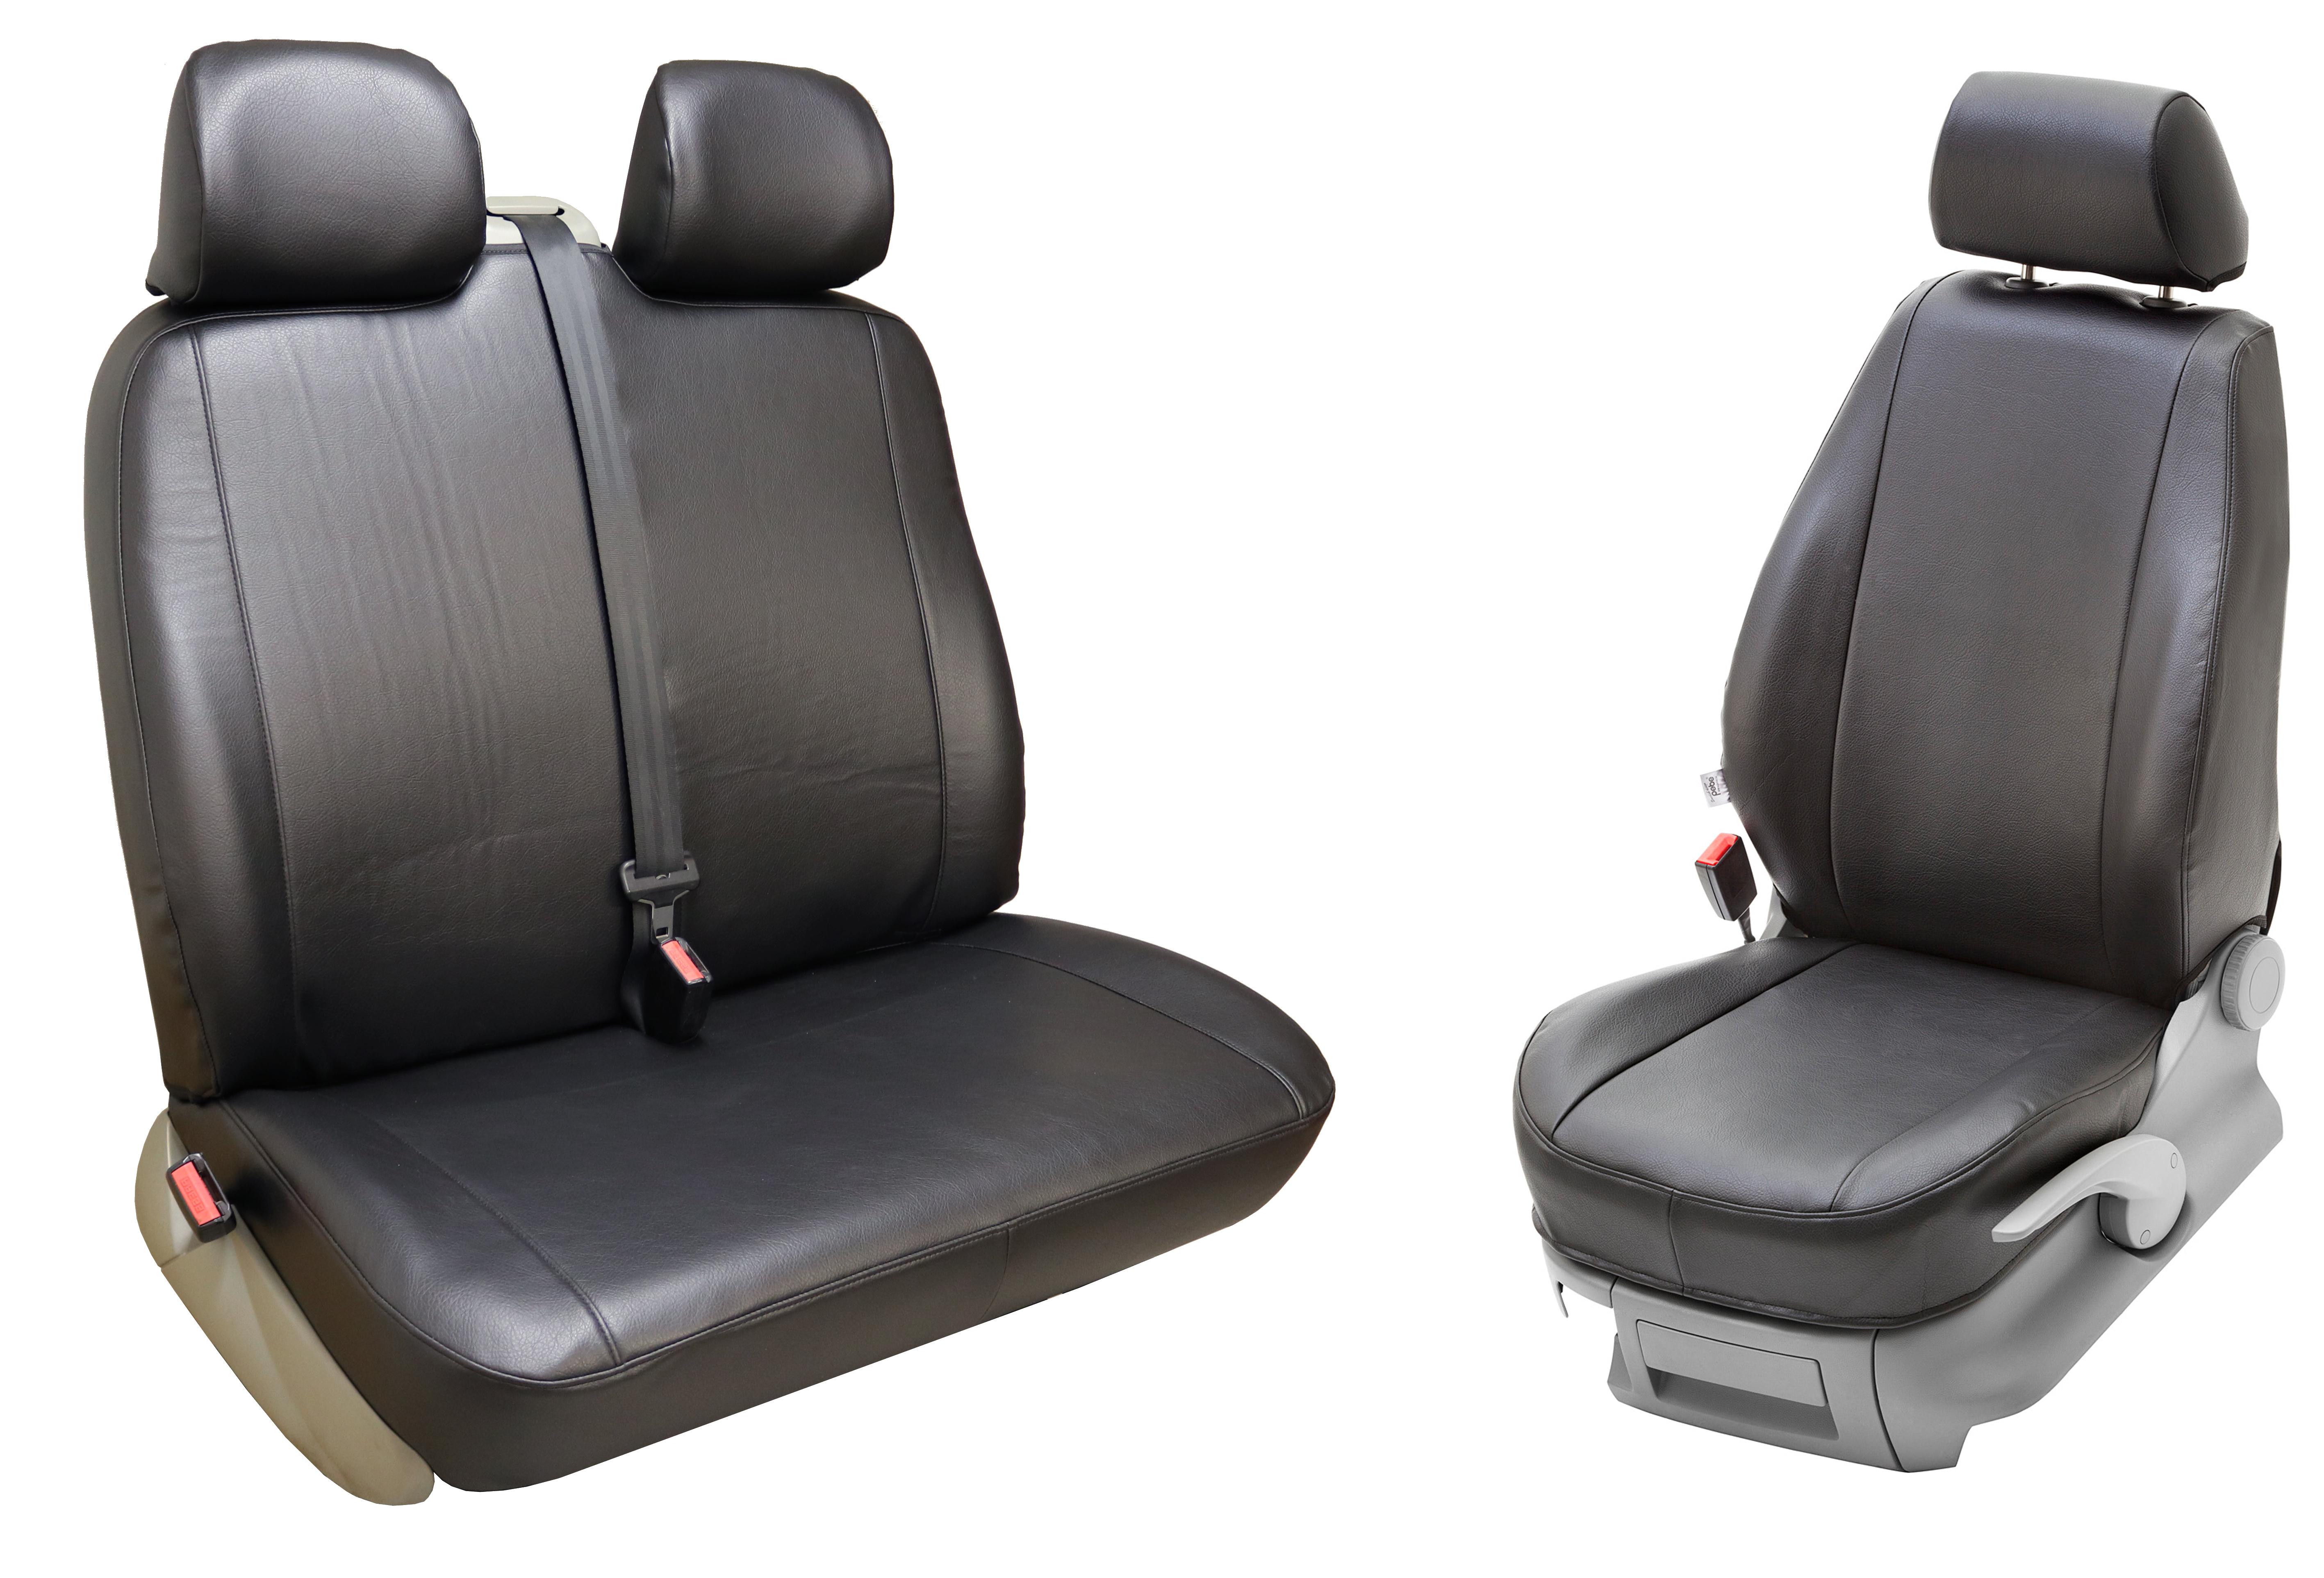 Istuinsuoja Stark VW T5/T6 etupenkki 1+2